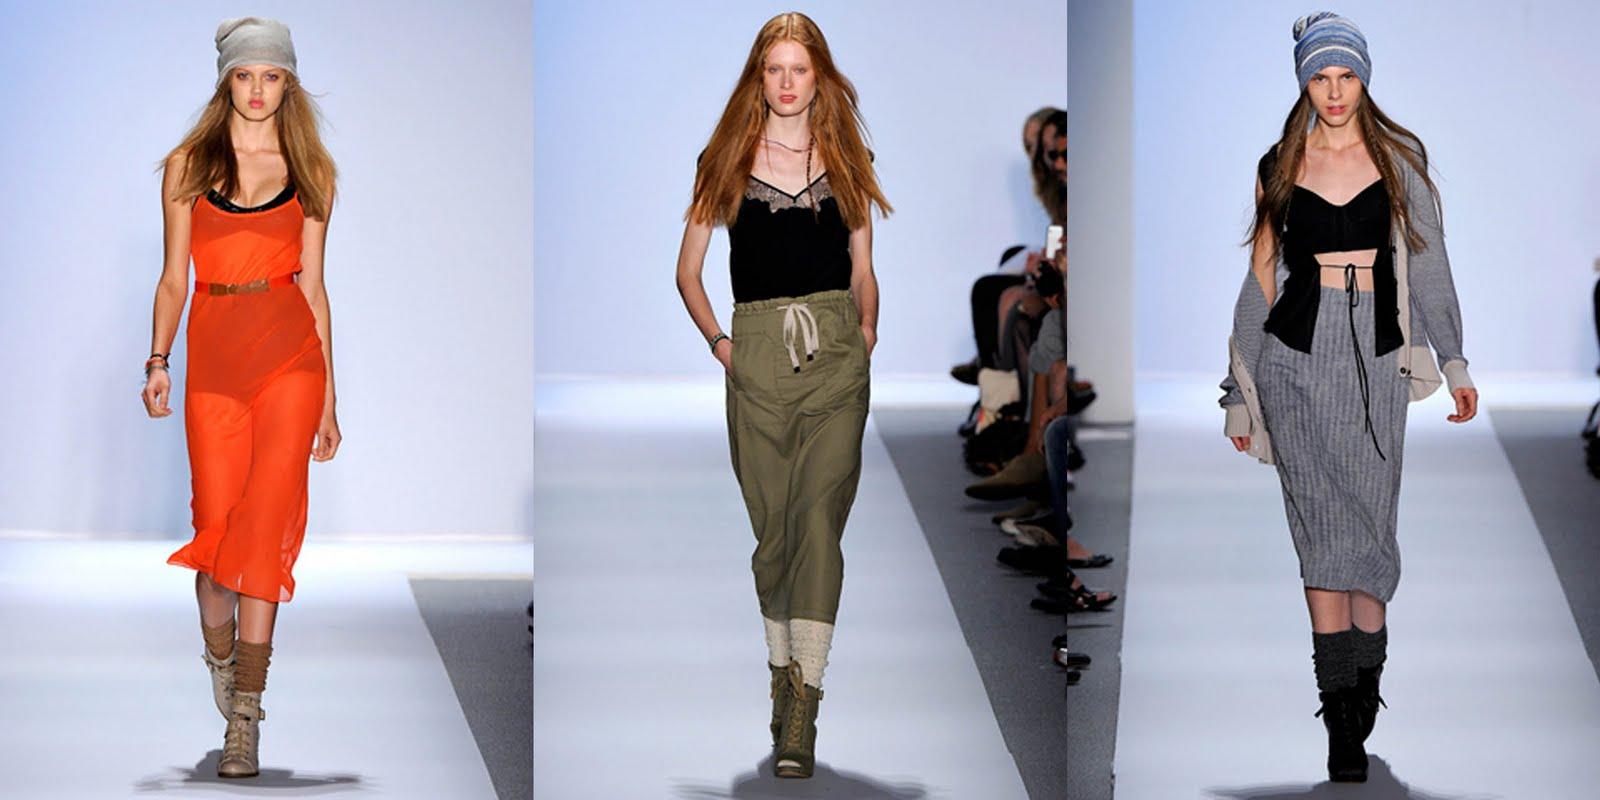 http://1.bp.blogspot.com/_coxNQvJjwWk/TKThcd1pbBI/AAAAAAAABnM/EM3P9tDHXiw/s1600/charlotte+ronson.jpg